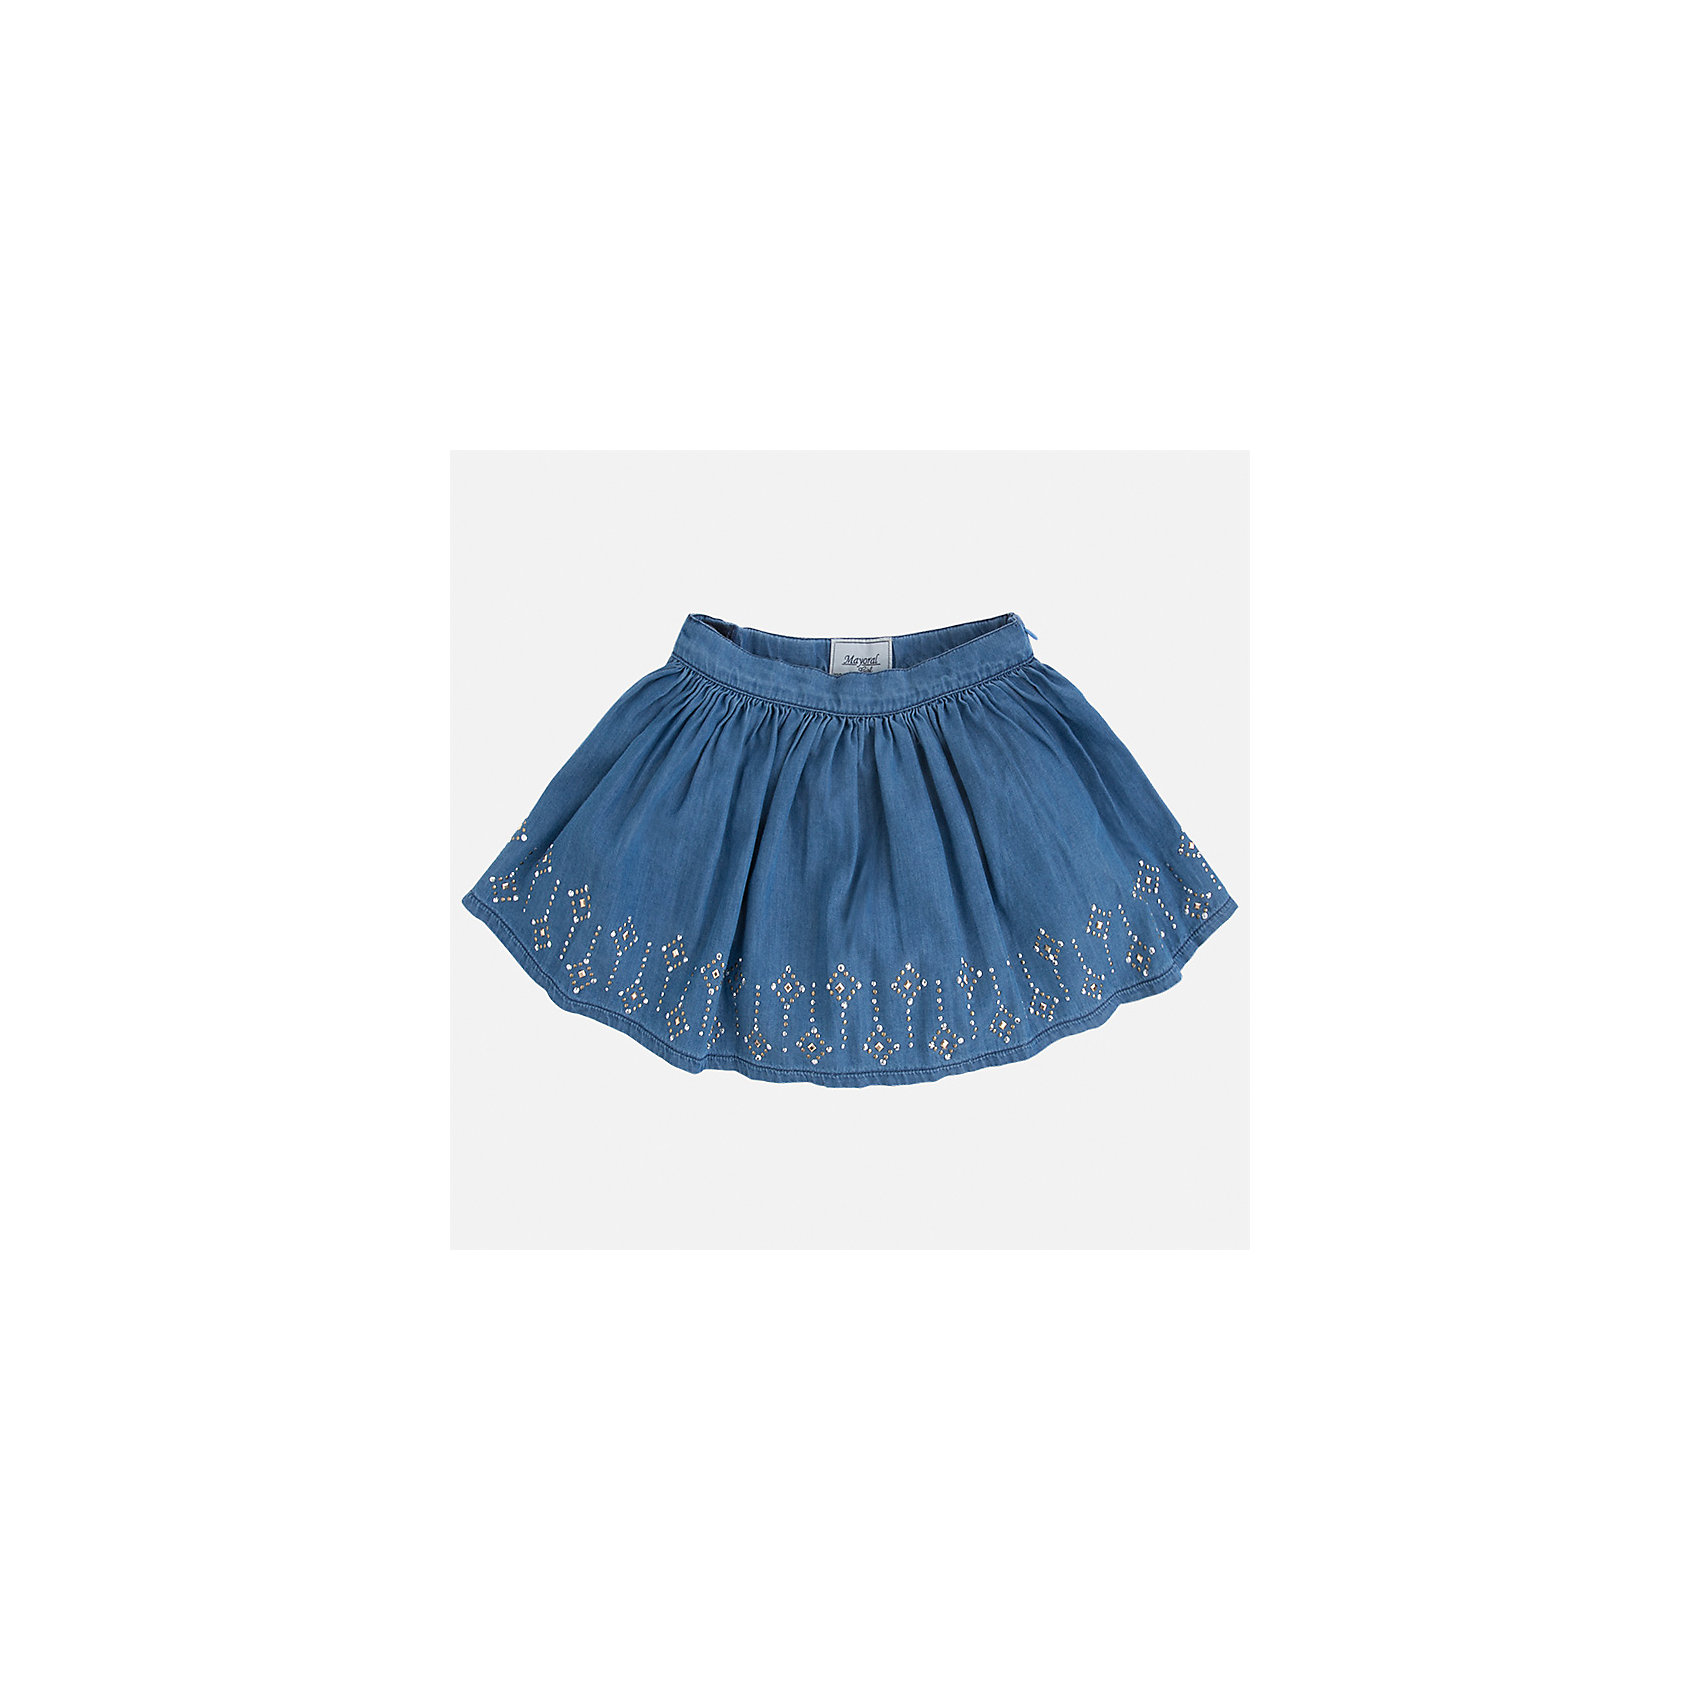 Юбка для девочки MayoralХарактеристики товара:<br><br>• цвет: голубой<br>• состав: 100% хлопок<br>• застежка: молния<br>• пышная<br>• украшена стразами<br>• страна бренда: Испания<br><br>Легкая юбка для девочки поможет разнообразить гардероб ребенка и создать эффектный наряд. Она отлично сочетаются с майками, футболками, блузками. Красивый оттенок позволяет подобрать к вещи верх разных расцветок. В составе материала - натуральный хлопок, гипоаллергенный, приятный на ощупь, дышащий. Юбка отлично сидит и не стесняет движения.<br><br>Одежда, обувь и аксессуары от испанского бренда Mayoral полюбились детям и взрослым по всему миру. Модели этой марки - стильные и удобные. Для их производства используются только безопасные, качественные материалы и фурнитура. Порадуйте ребенка модными и красивыми вещами от Mayoral! <br><br>Юбку для девочки от испанского бренда Mayoral (Майорал) можно купить в нашем интернет-магазине.<br><br>Ширина мм: 207<br>Глубина мм: 10<br>Высота мм: 189<br>Вес г: 183<br>Цвет: голубой<br>Возраст от месяцев: 18<br>Возраст до месяцев: 24<br>Пол: Женский<br>Возраст: Детский<br>Размер: 92,134,98,104,110,116,122,128<br>SKU: 5290930